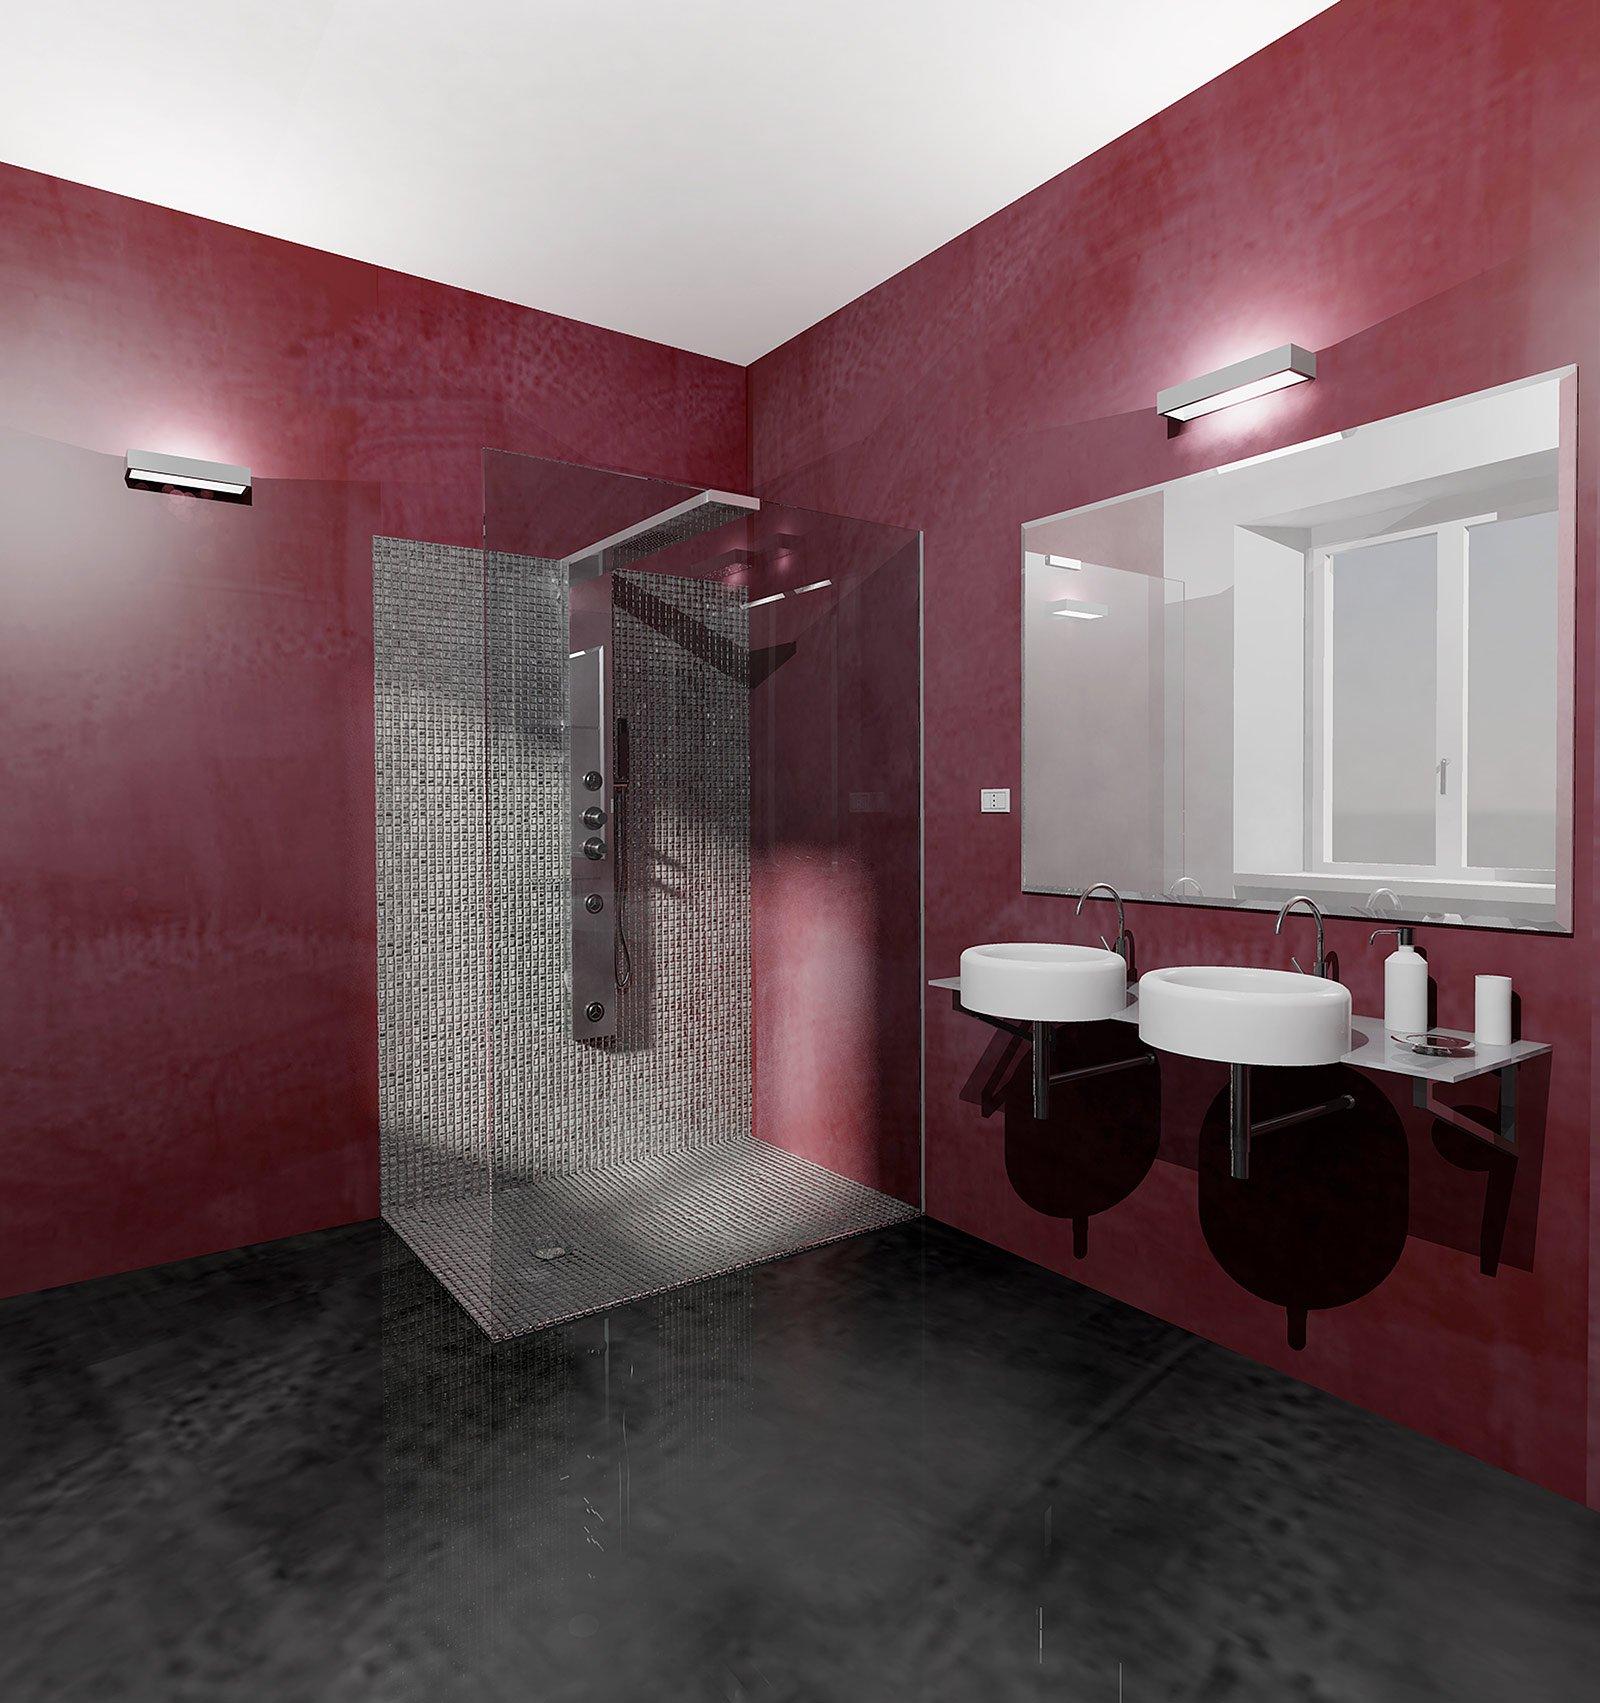 Scegliere i rivestimenti per pareti e pavimenti cose di casa - Pareti bagno senza piastrelle ...